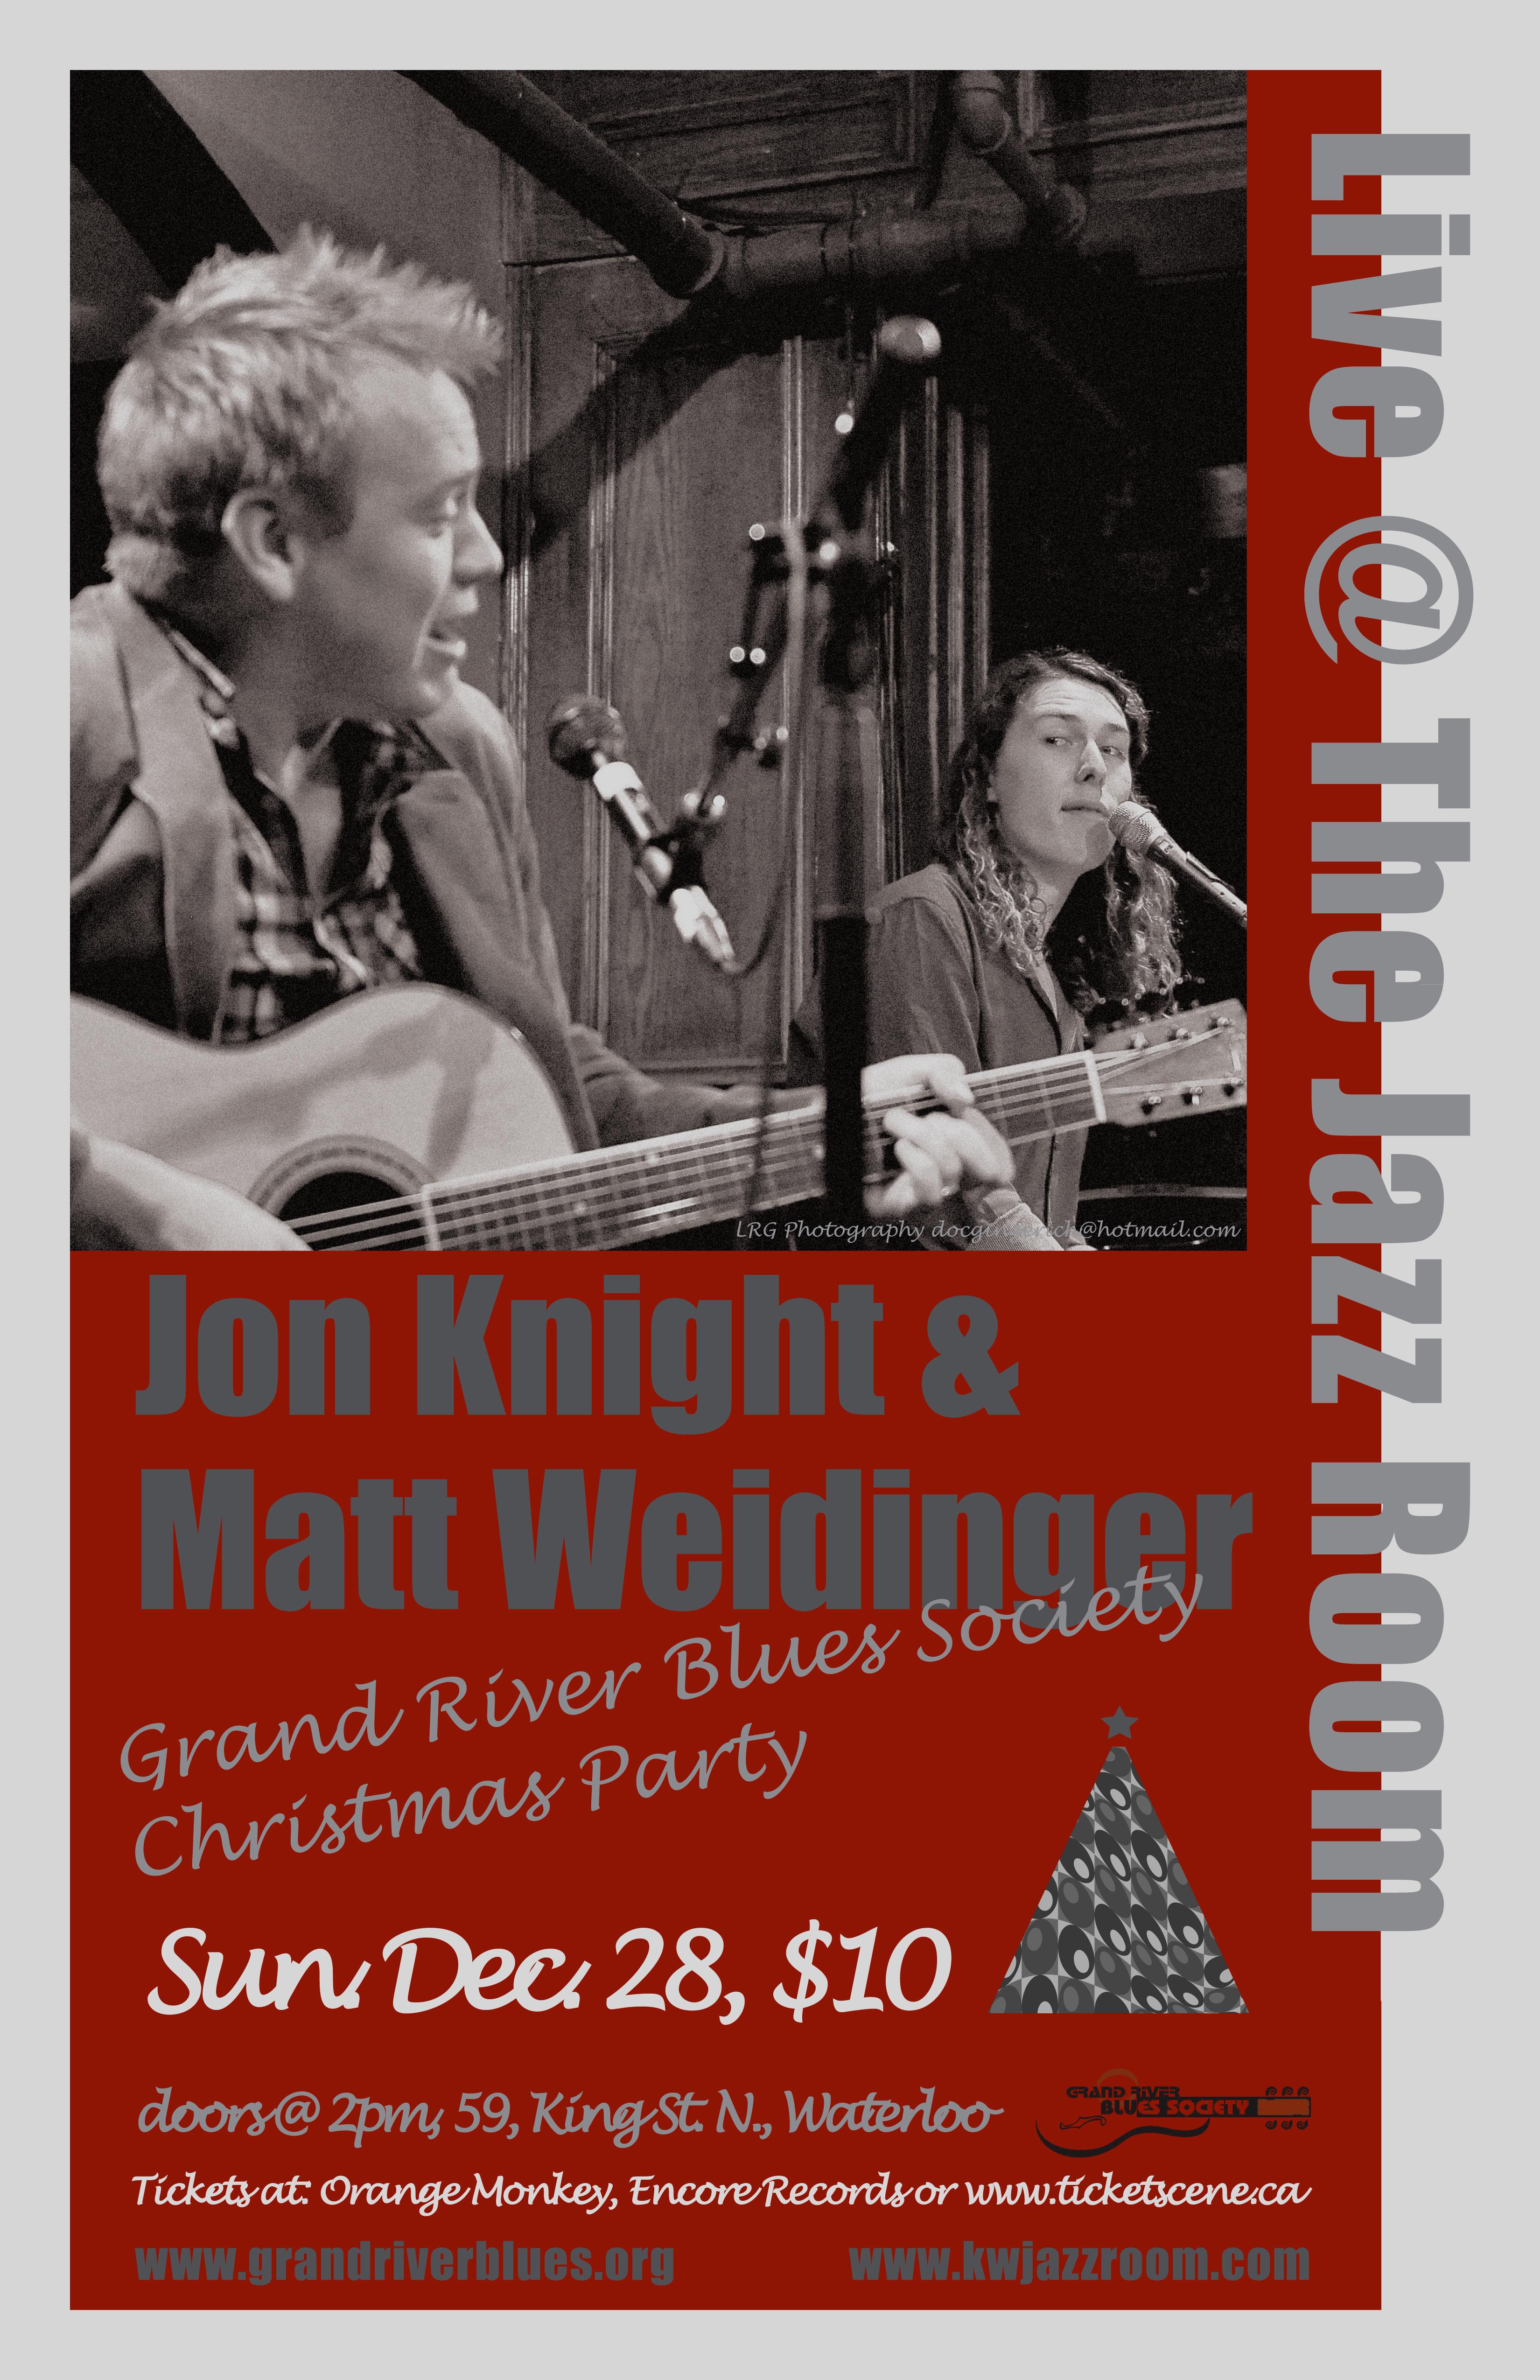 Grand River Blues Society Christmas Party with Matt Weidinger & Jon Knight